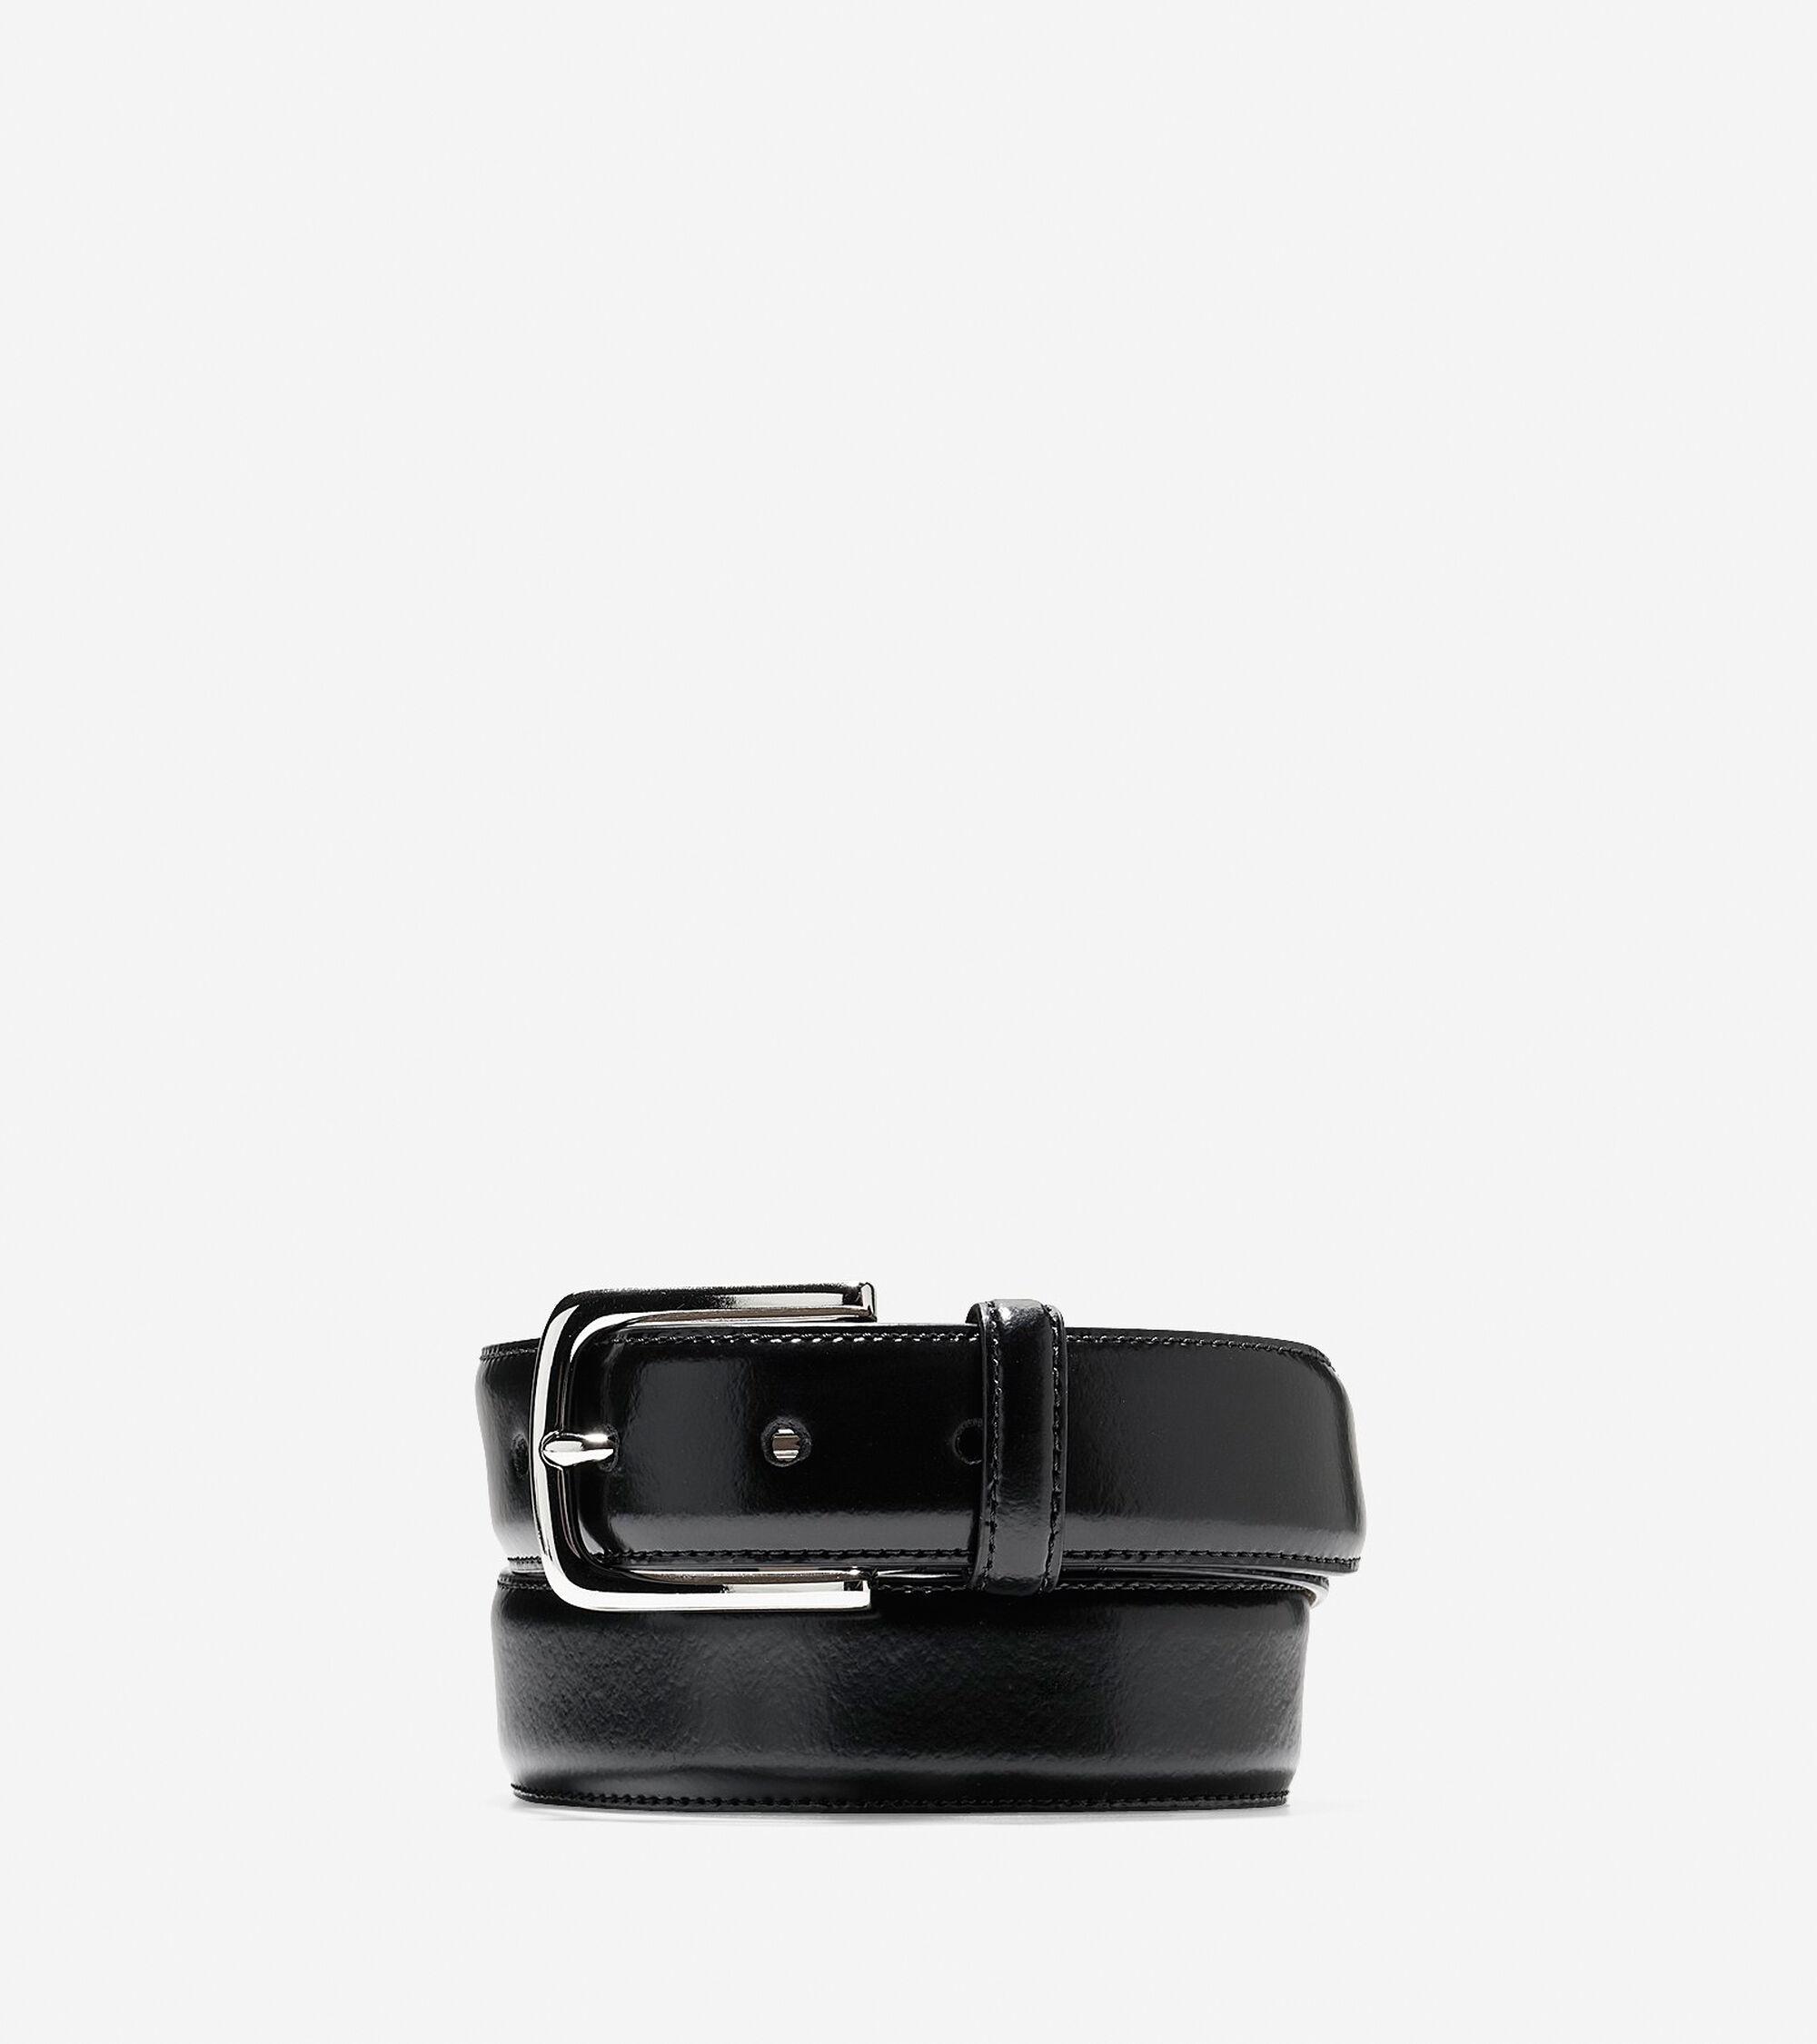 mens 32mm spazzolotto belt in black nickel cole haan